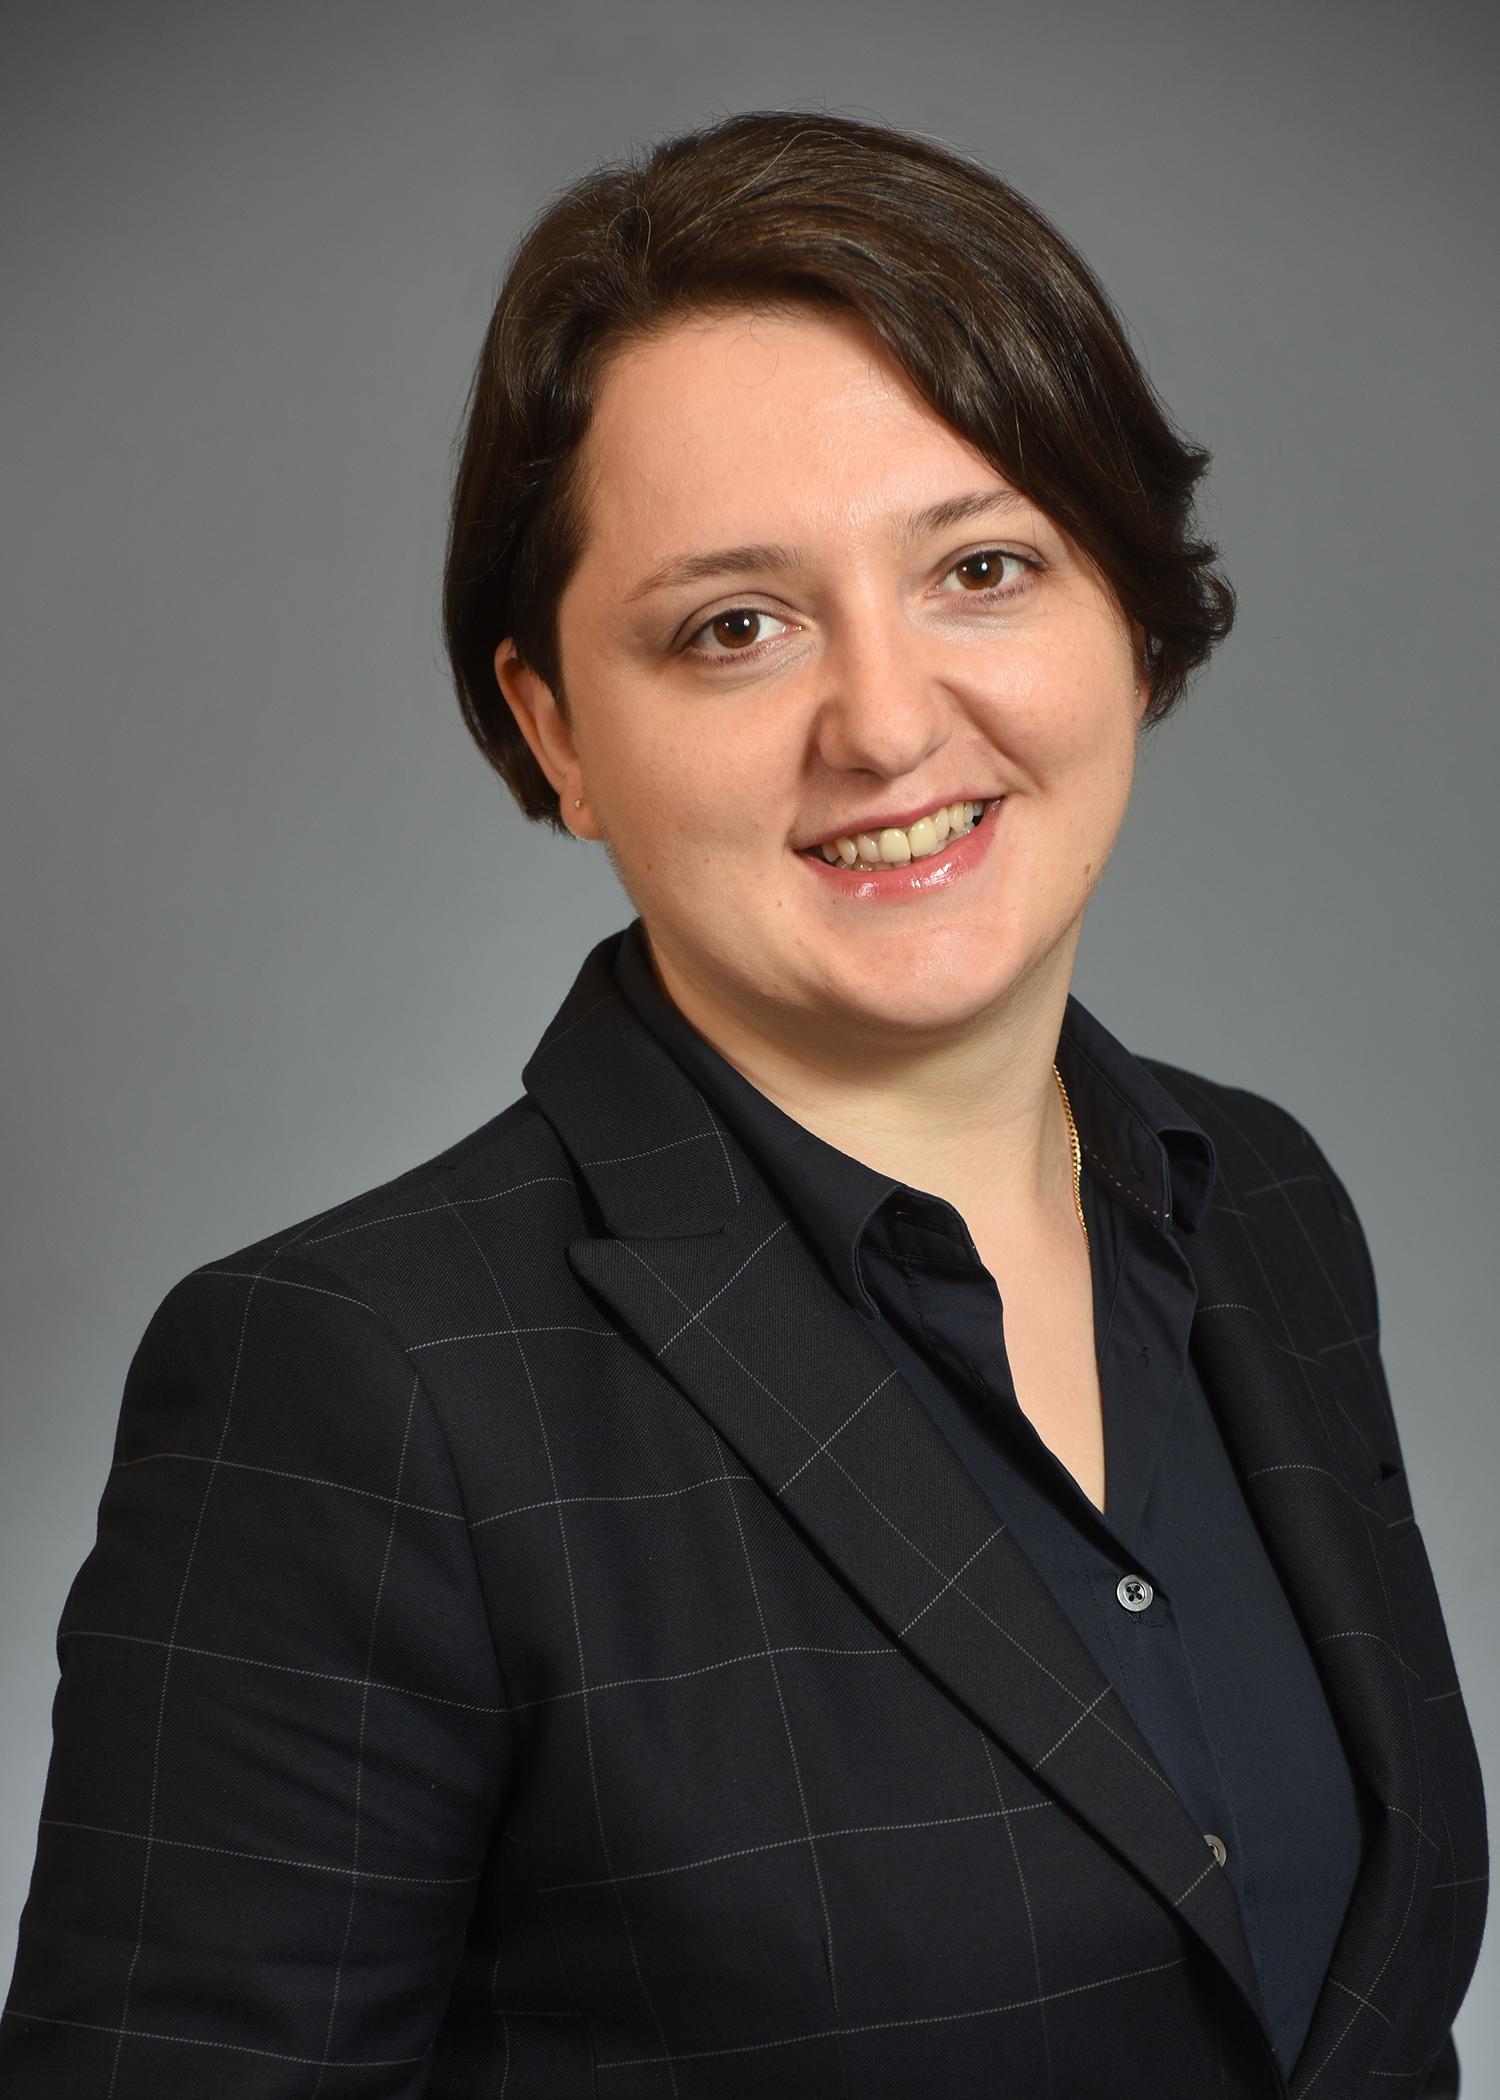 Ana Abashidze